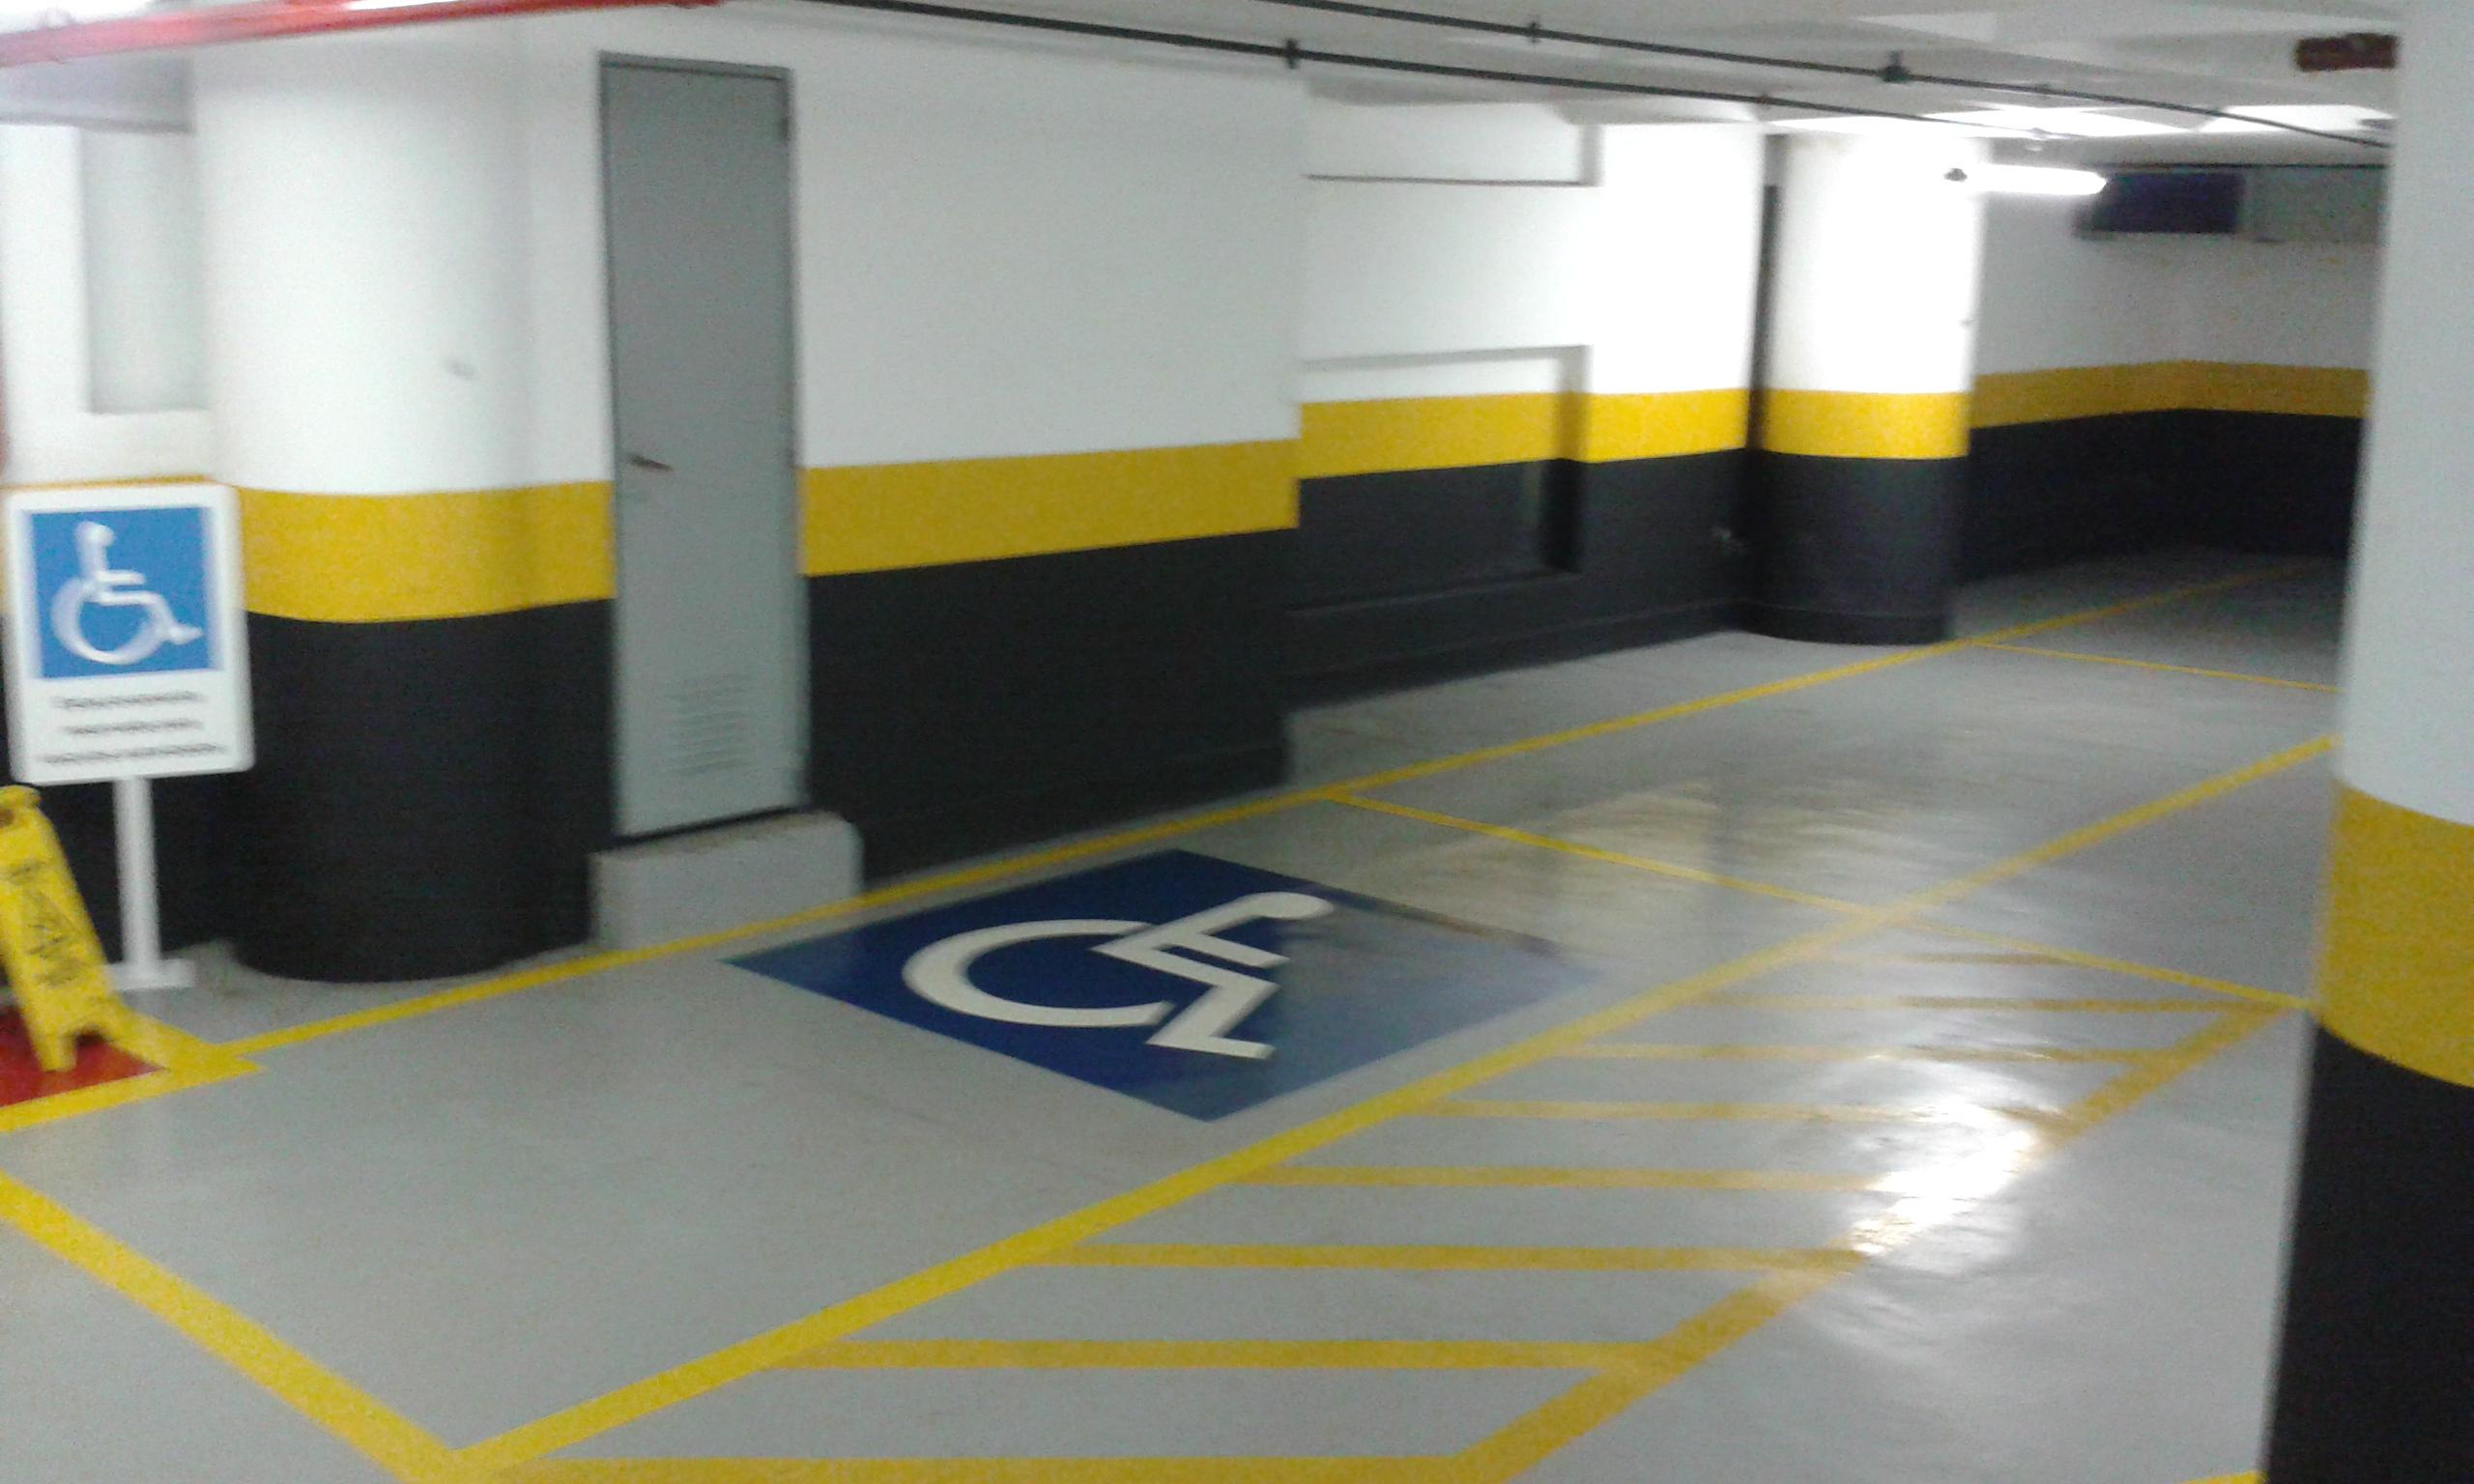 Estacionamento7